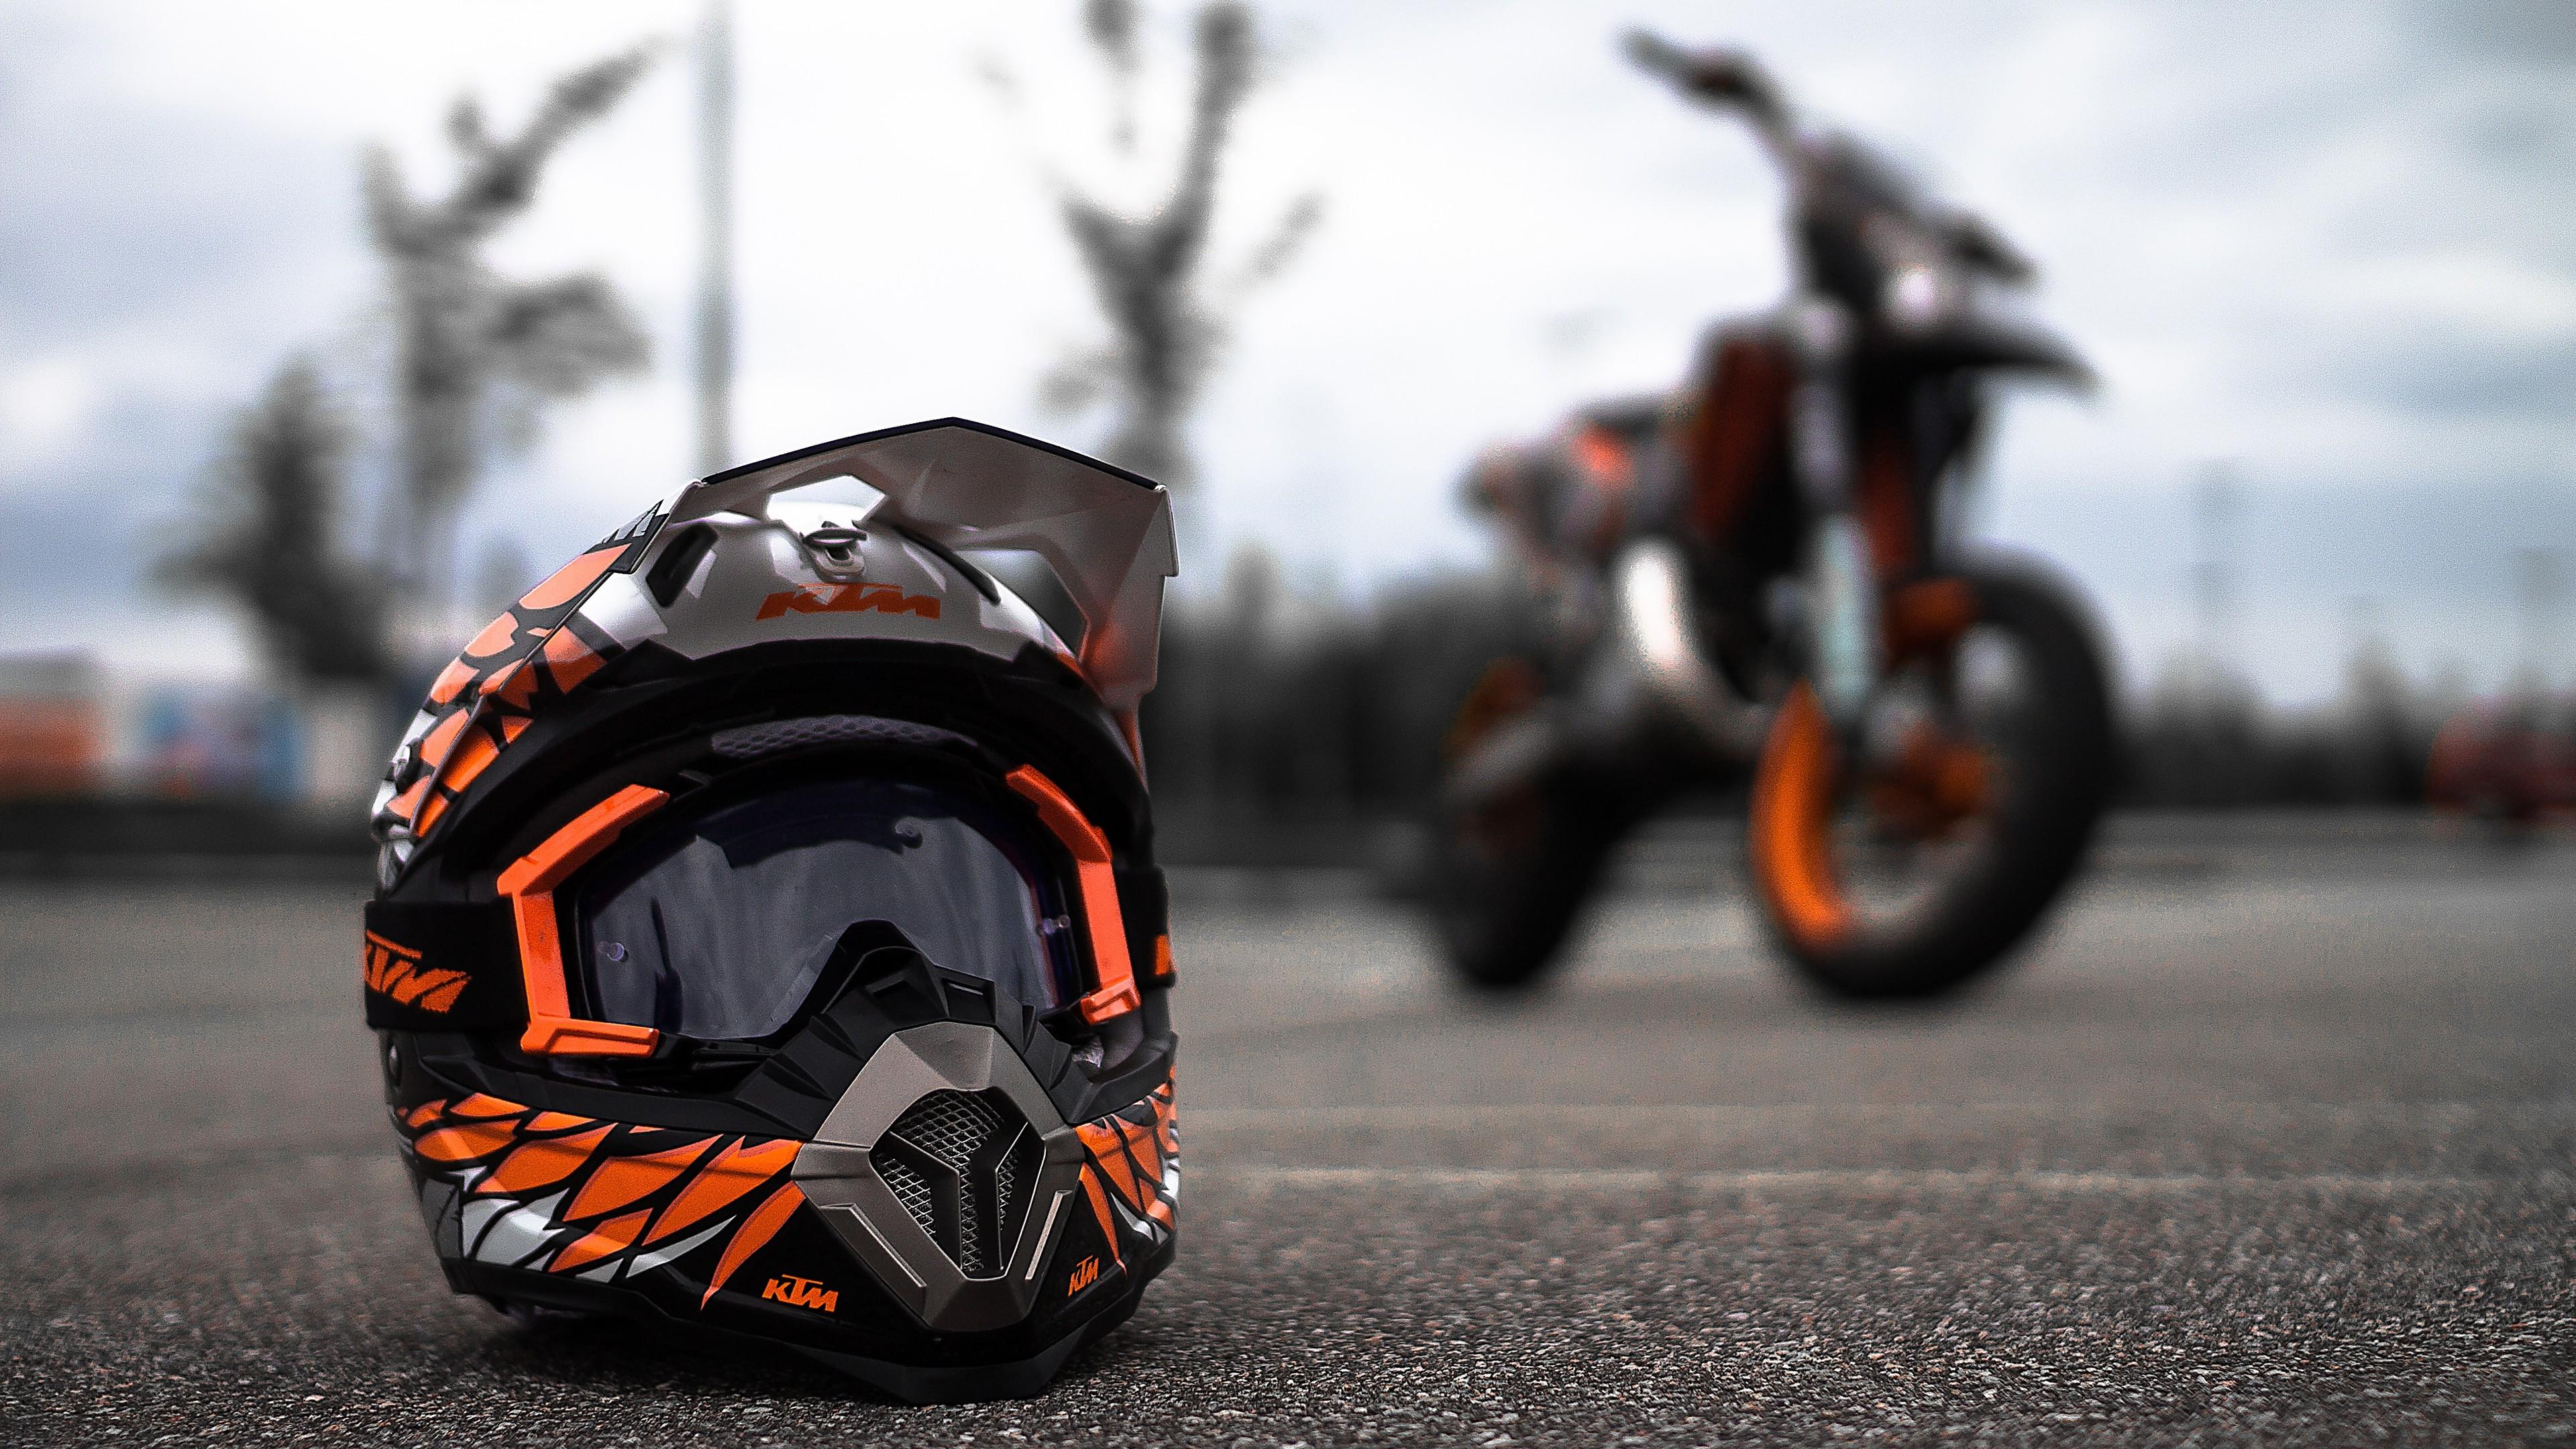 ktm helmet 4k 1536316216 - KTM Helmet 4k - motorcycle wallpapers, ktm wallpapers, helmet wallpapers, bikes wallpapers